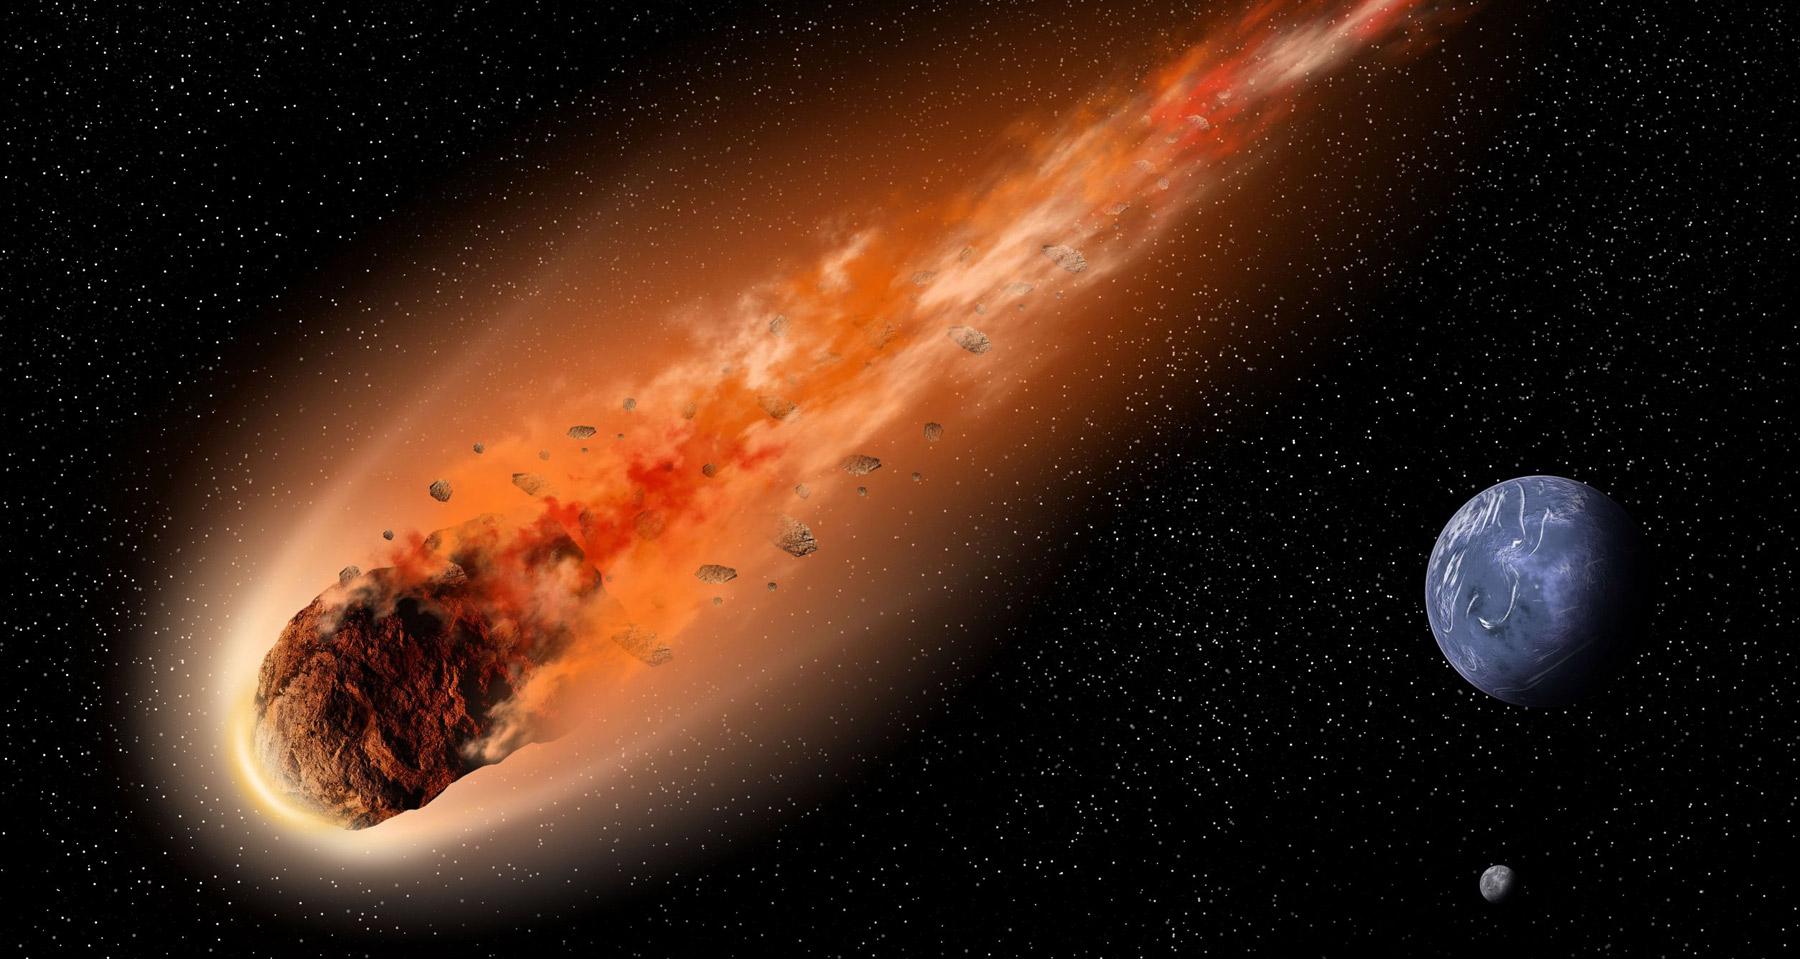 Астероид, втрое крупнее Челябинского метеорита, пролетит сегодня ночью вблизи Земли